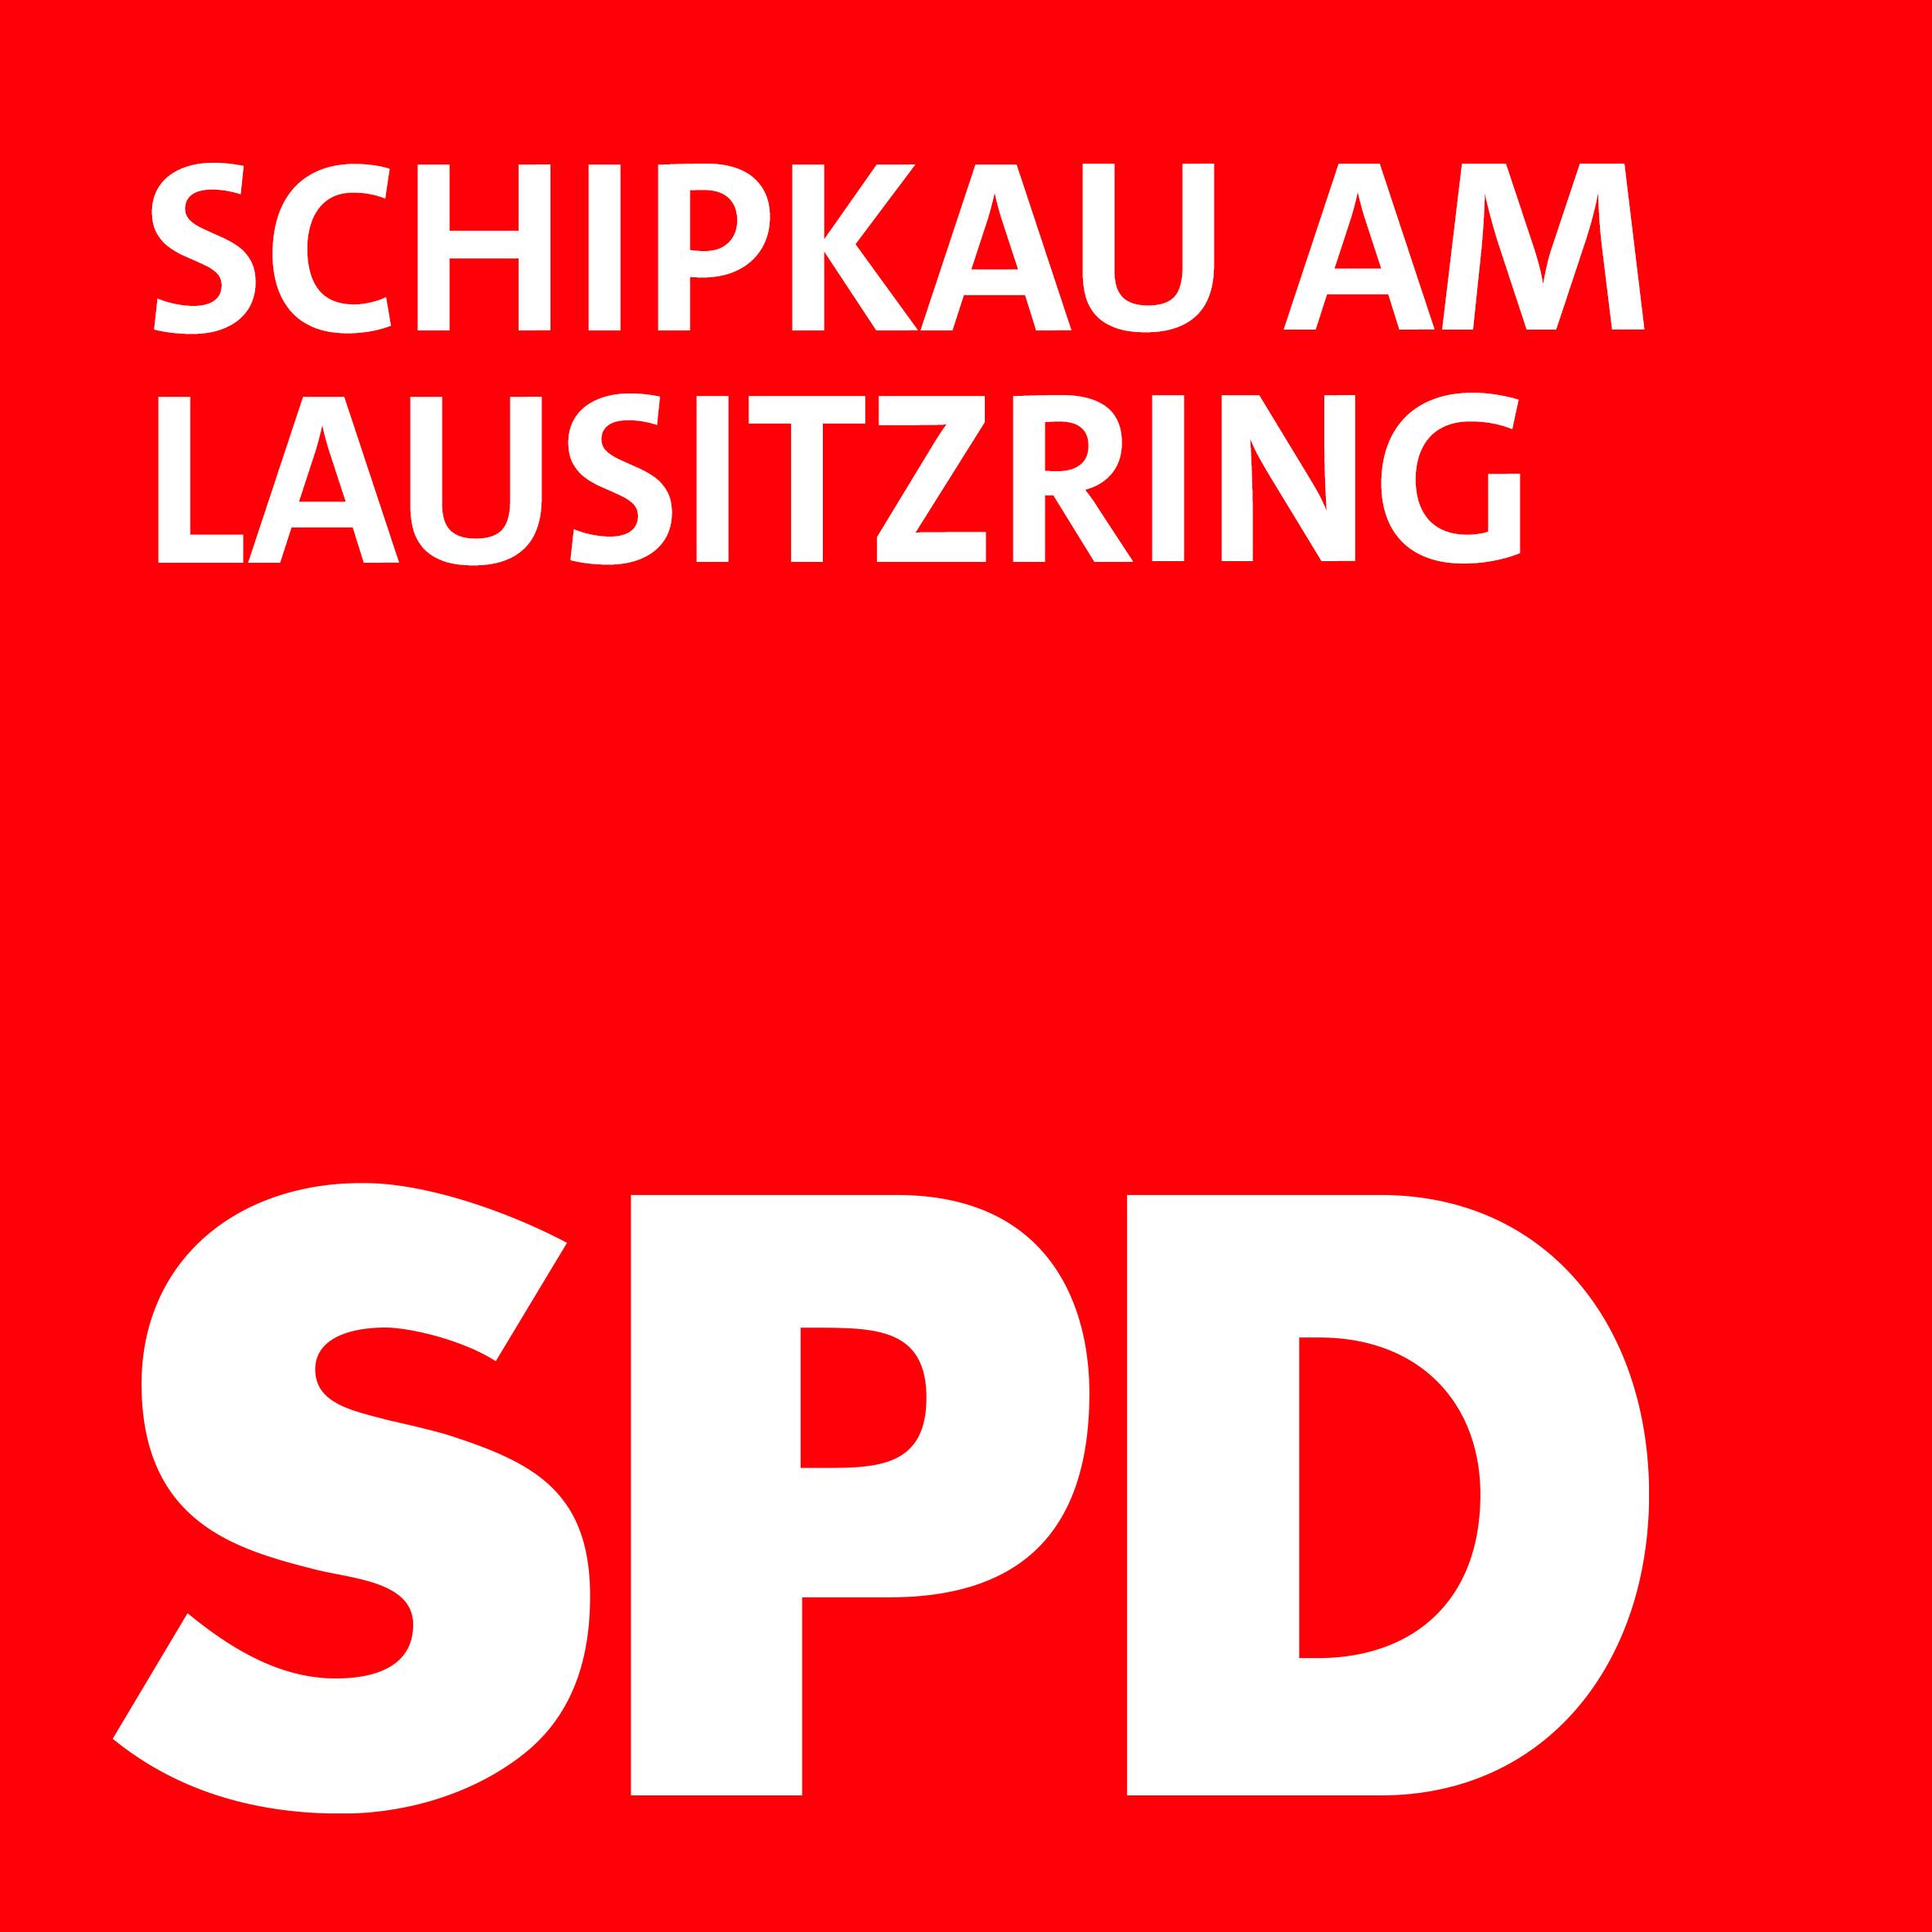 SPD Schipkau am Lausitzring